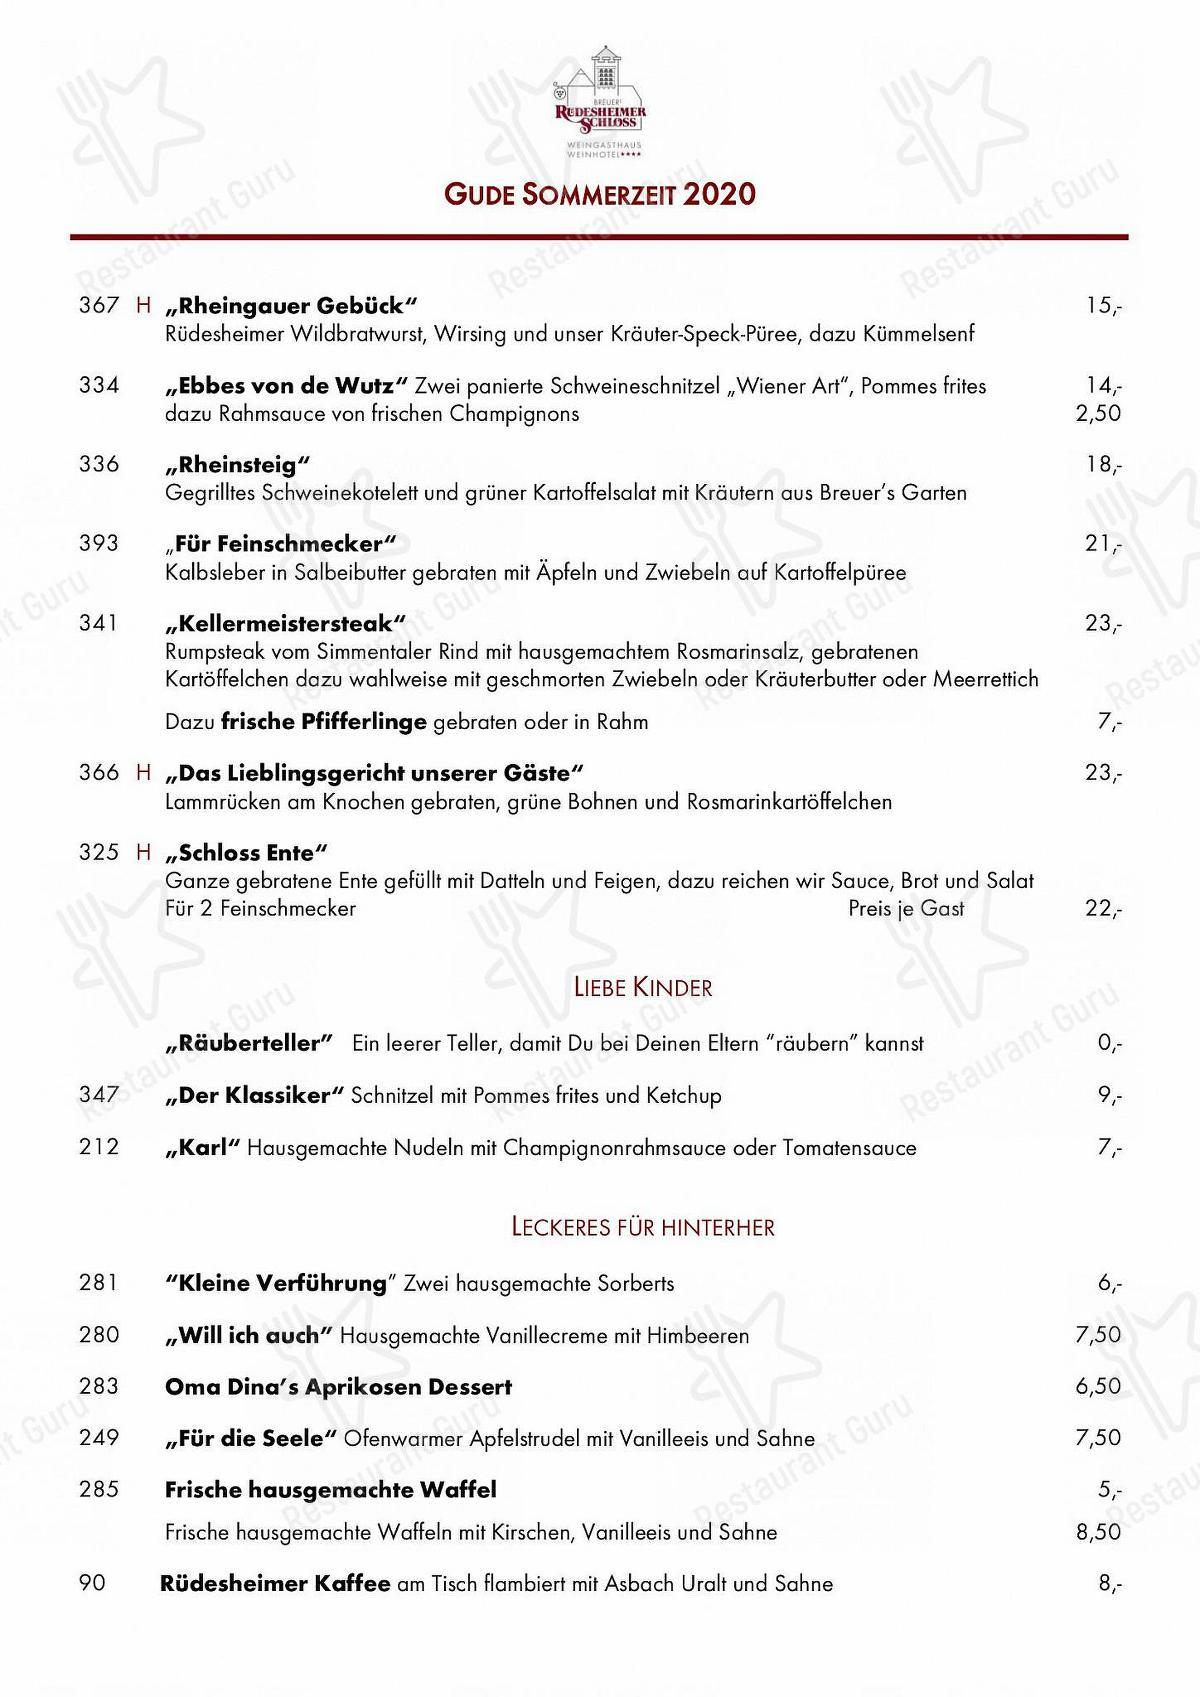 Меню Breuer's Rüdesheimer Schloss - еда и напитки